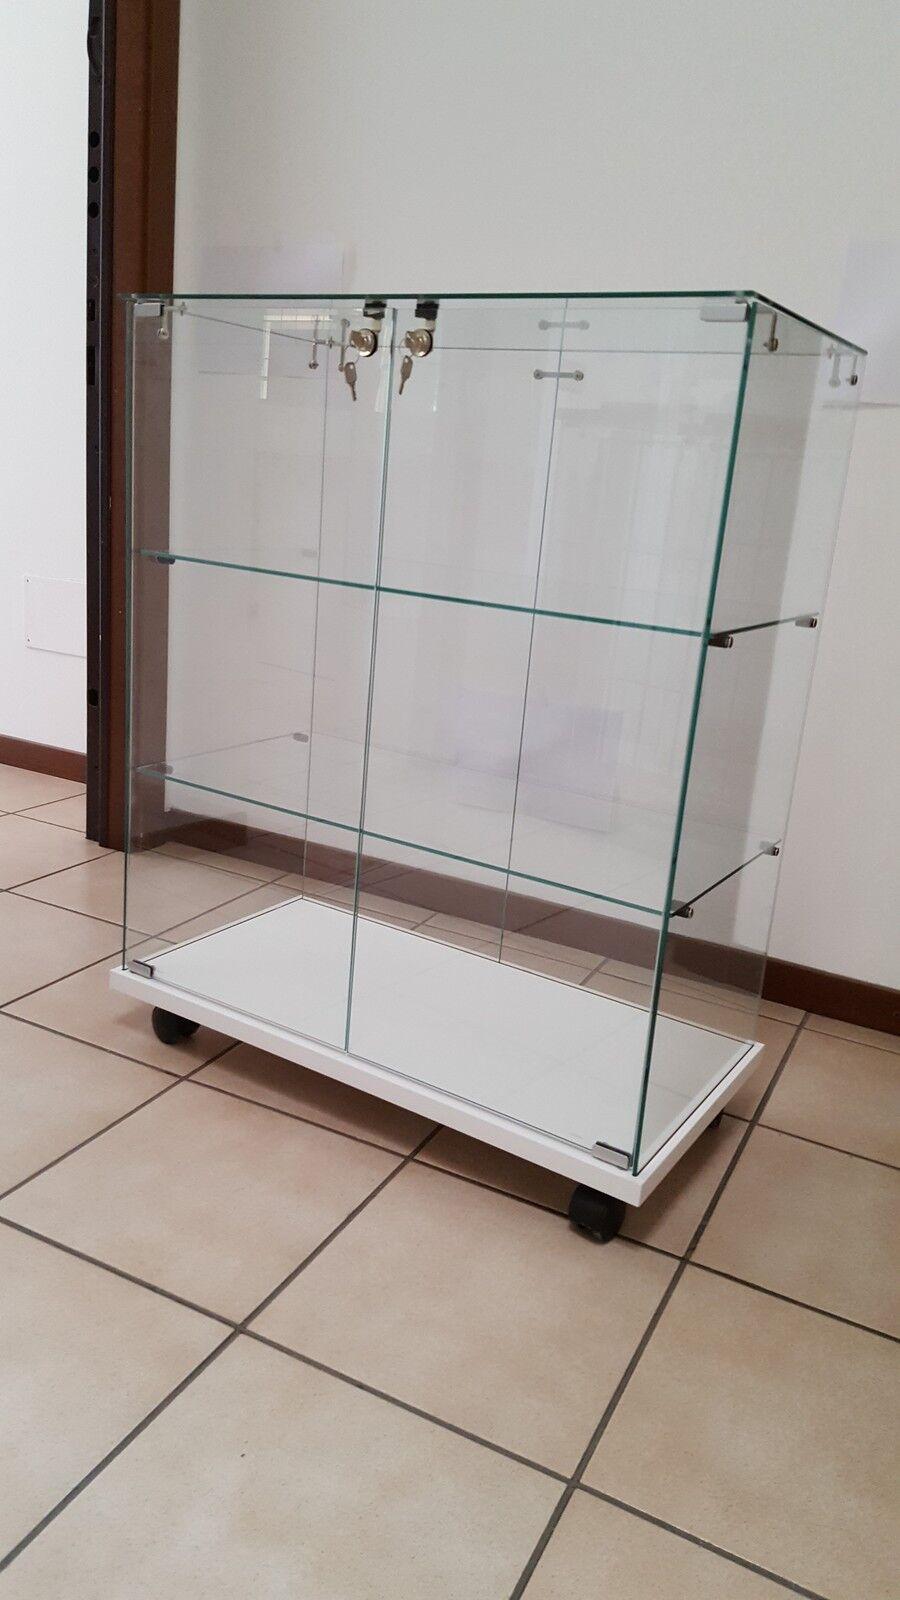 Vetrine negozio,vetrinette  negozio,vetrina modellololololismo,vetrinetta collezionismo  prima qualità ai consumatori